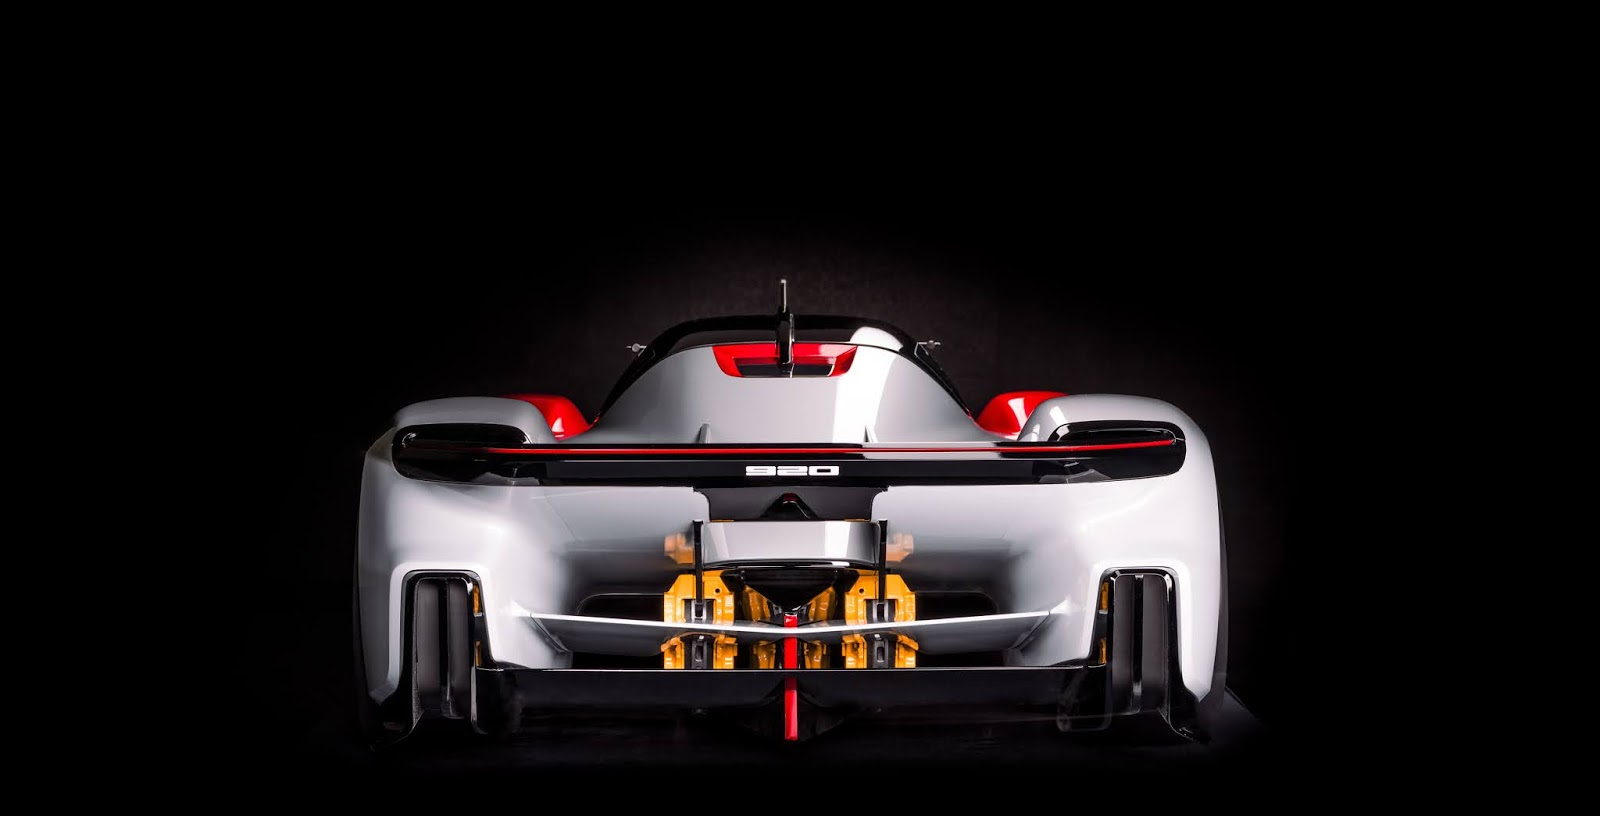 Capture0031 1 Τα άγνωστα Hypercars της Porsche hypercar, Porsche, Porsche Unseen, Sunday, supercar, supercars, zblog, ειδήσεις